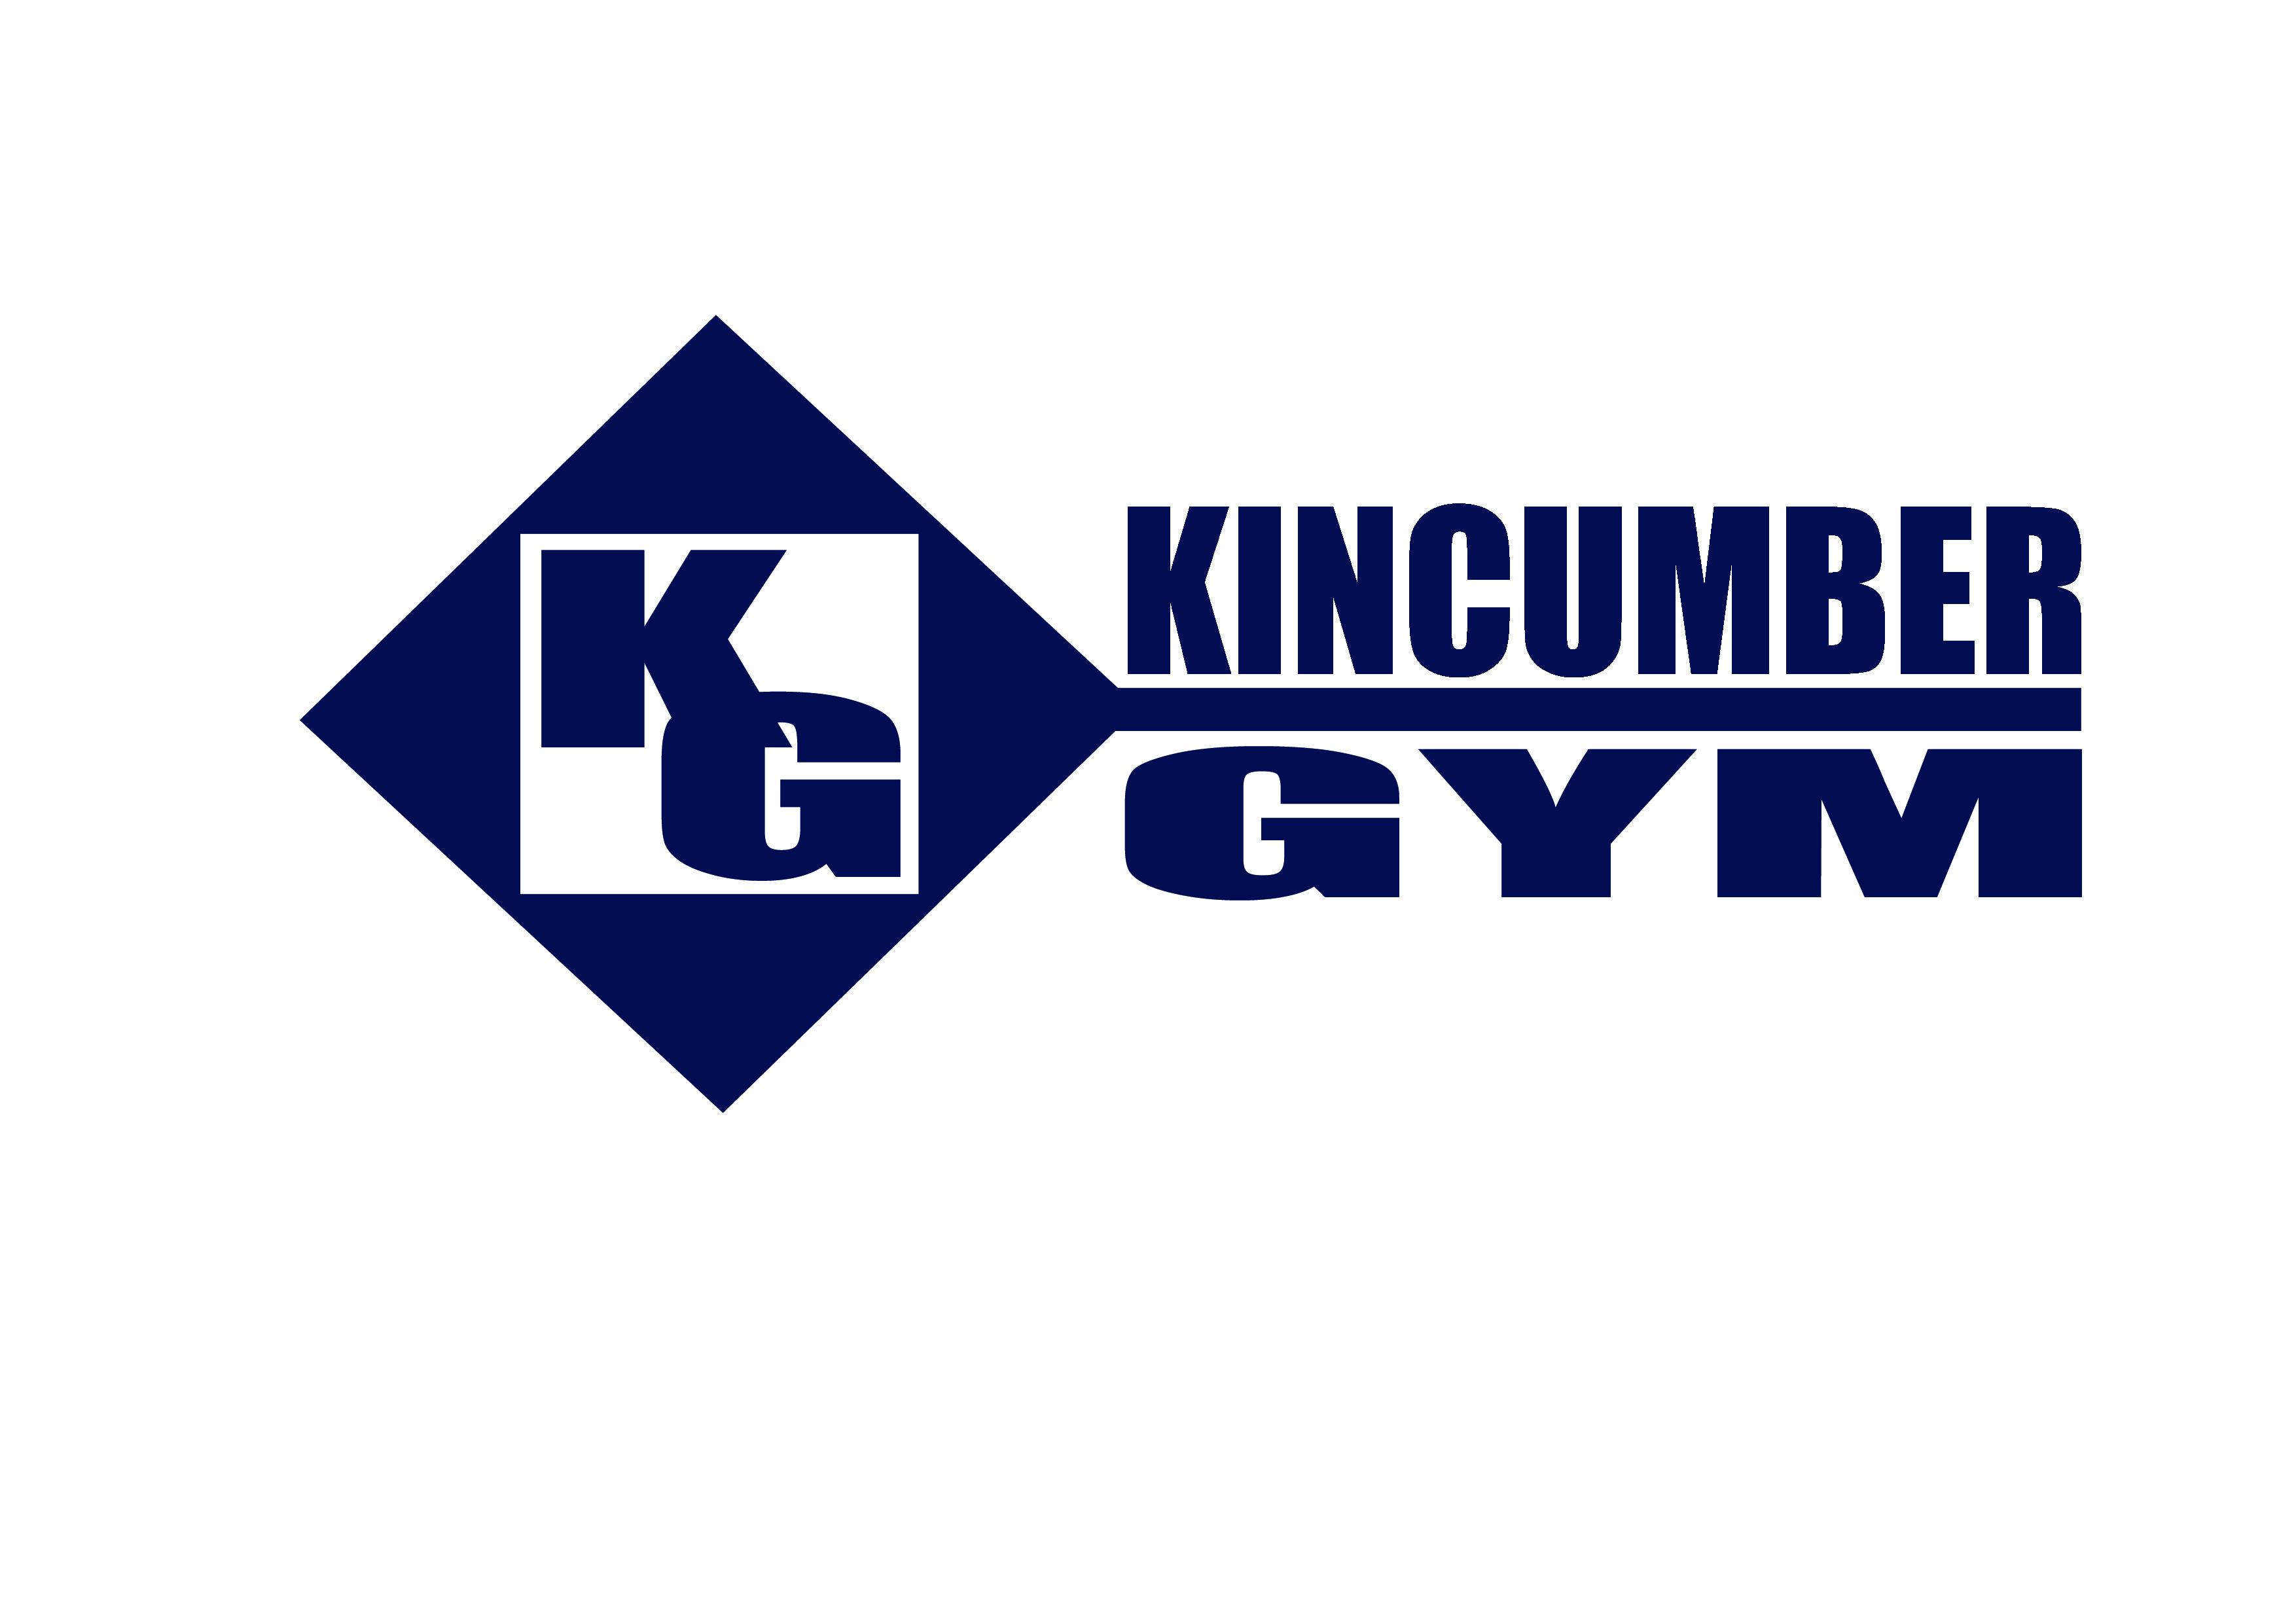 logo horizontal - Kincumber Gym 7d23eaeacae